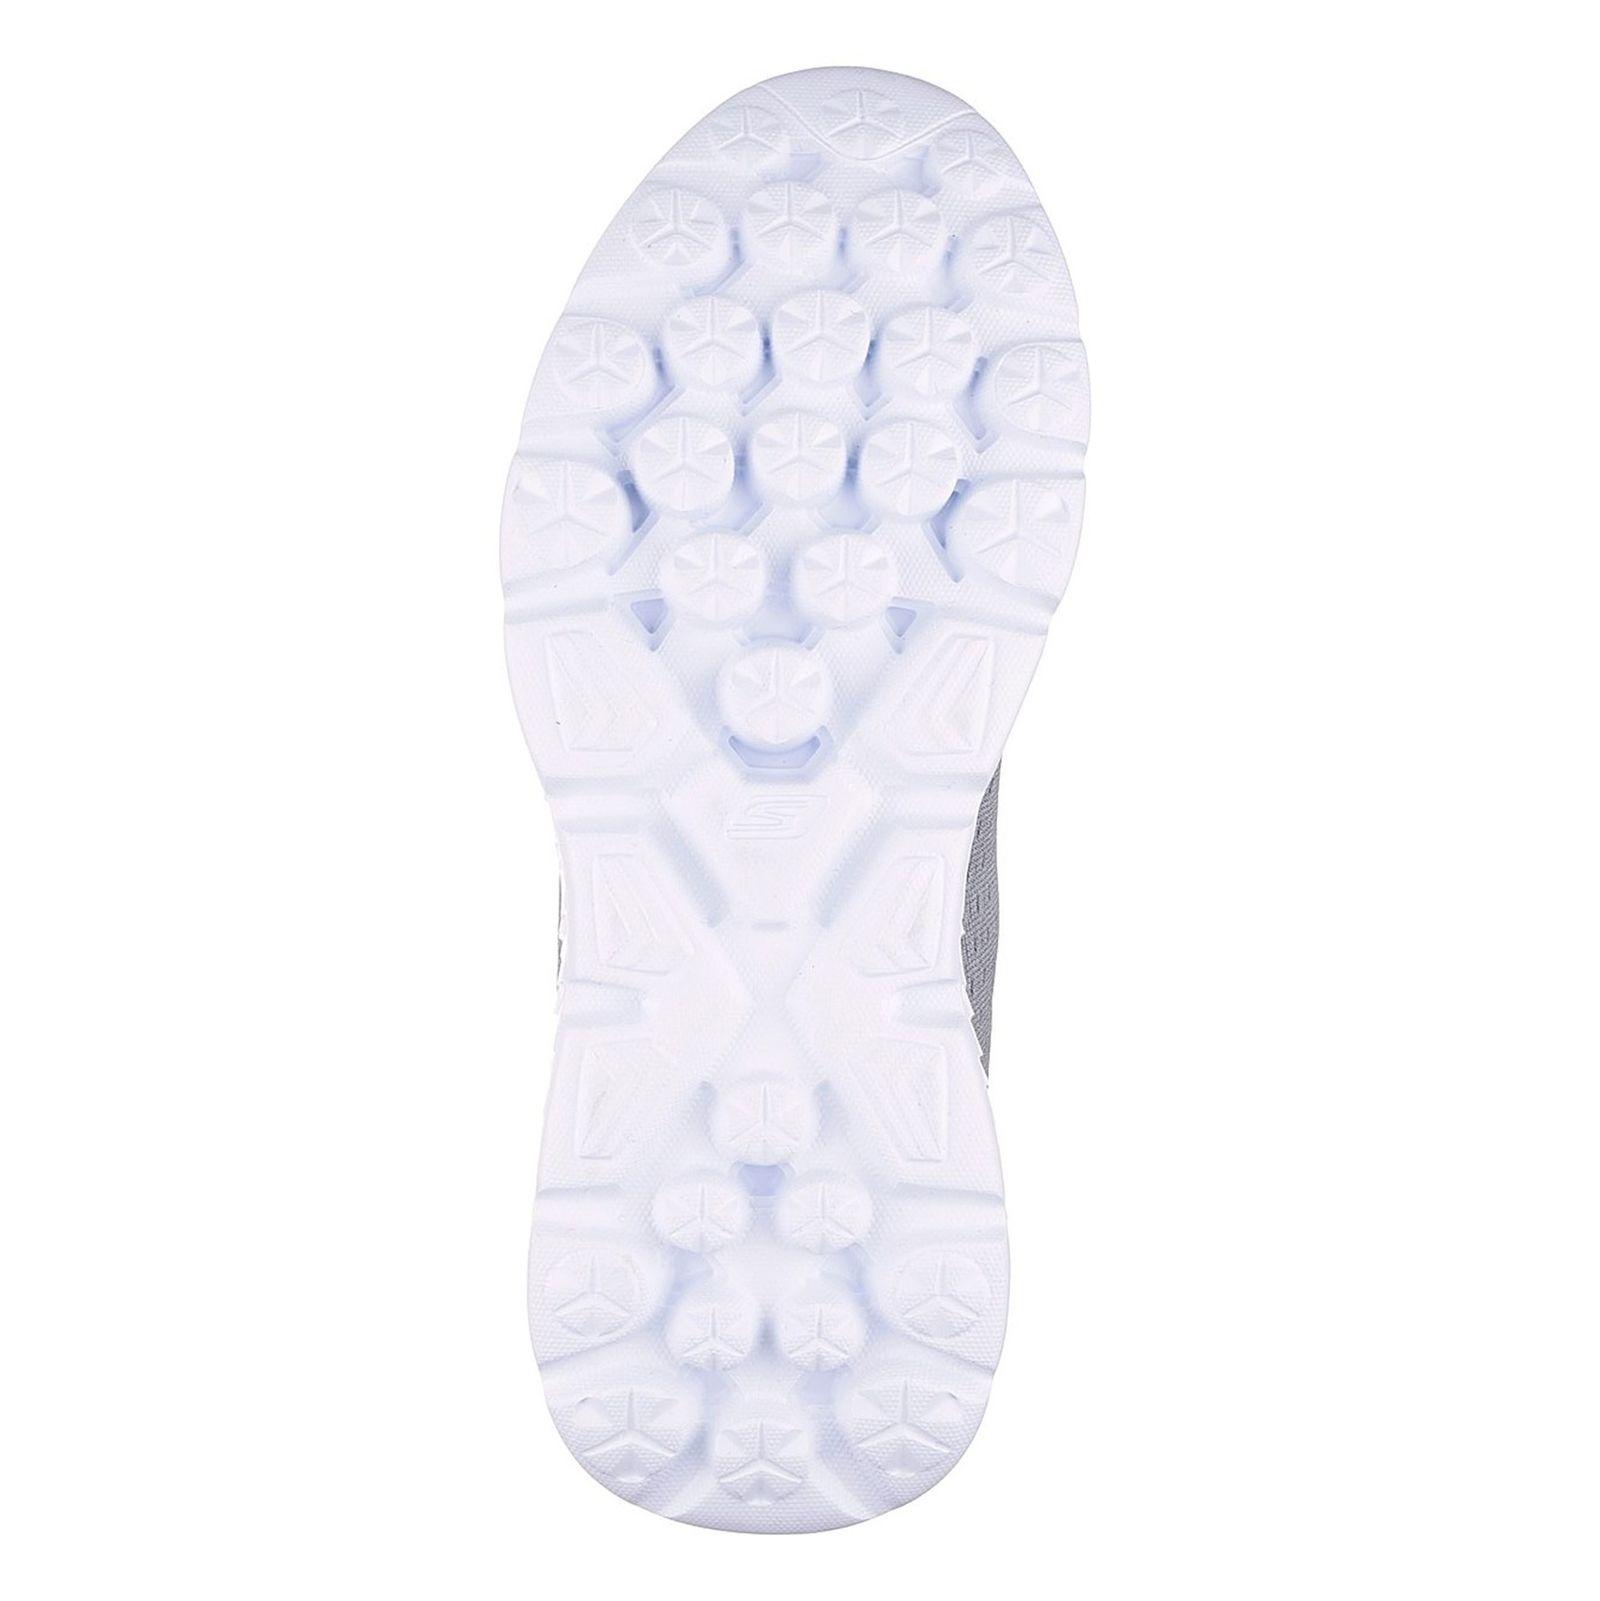 کفش دویدن بندی زنانه GoRun 400 Sole - اسکچرز - طوسي - 3